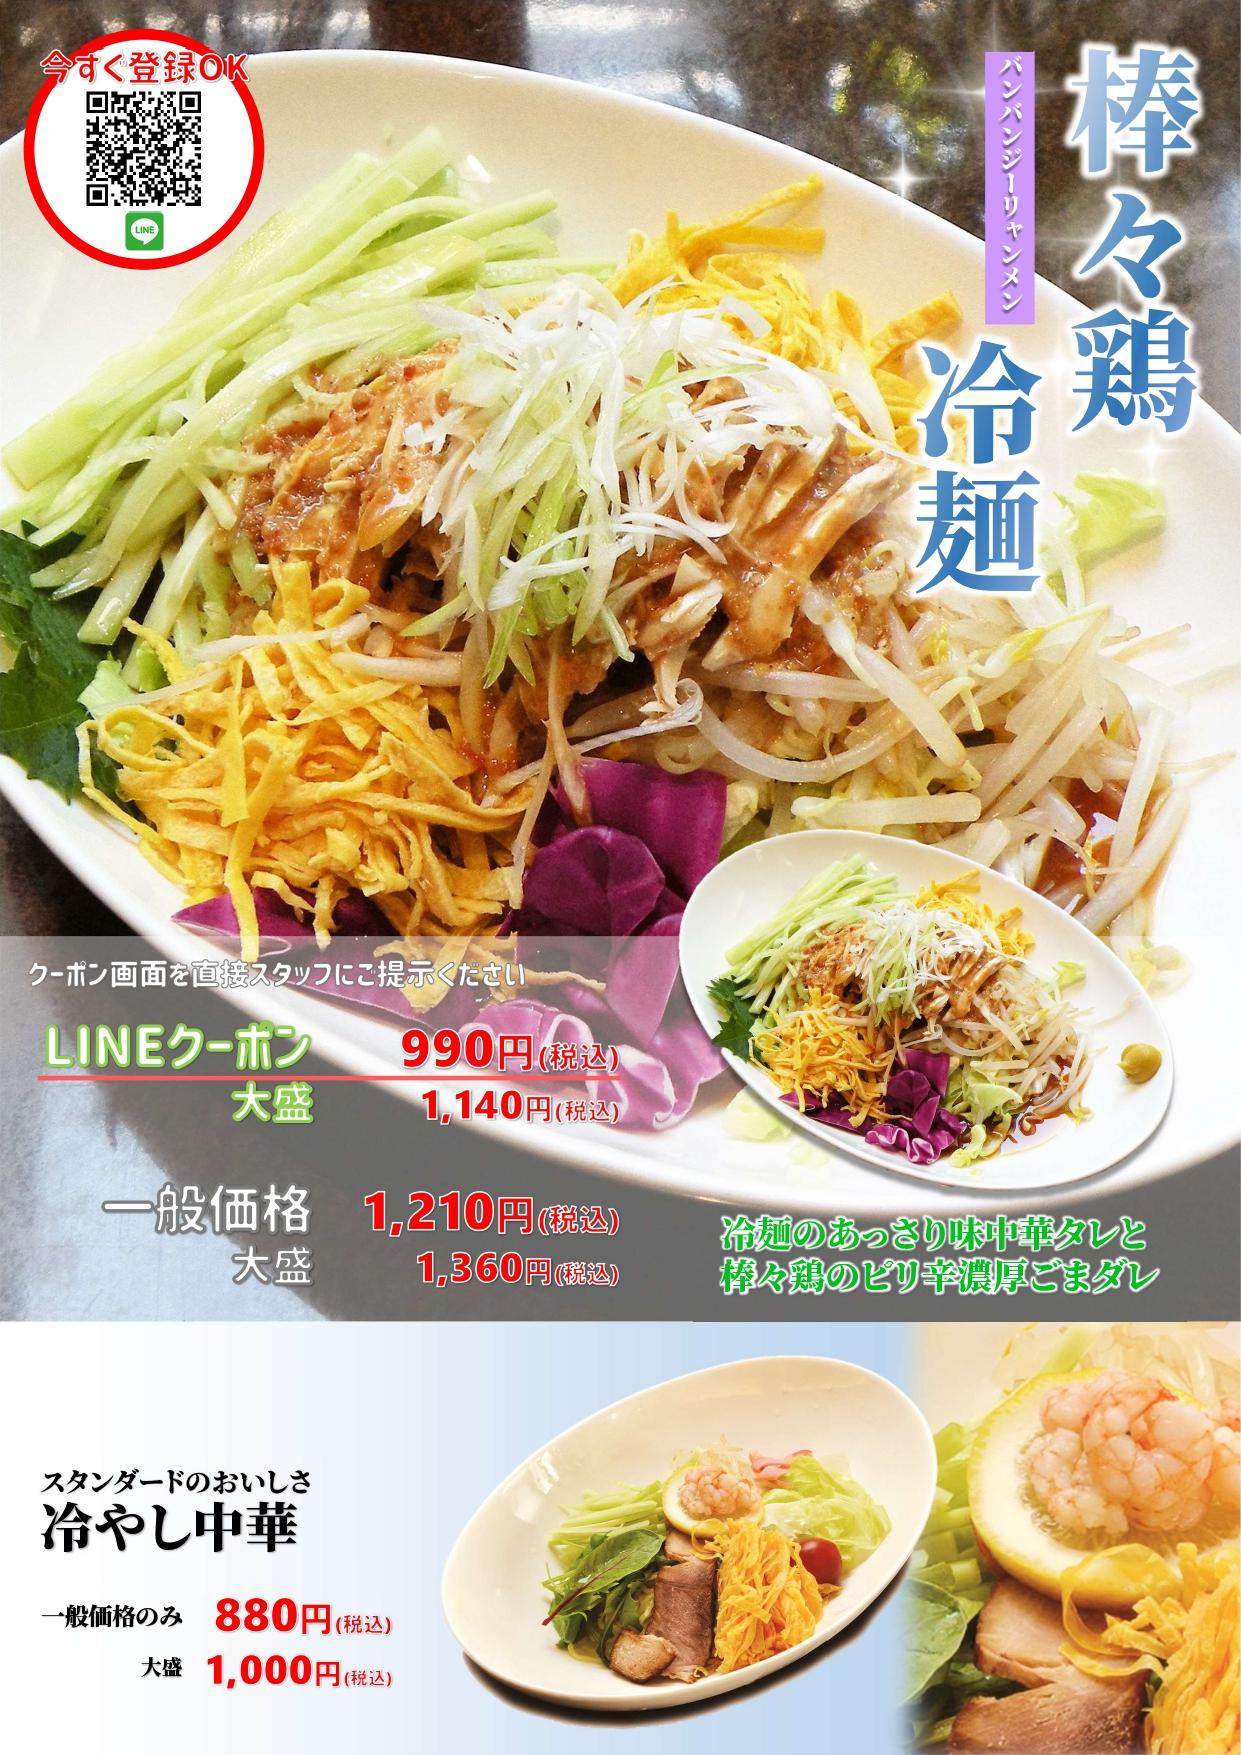 ばんばん_page-0001 (1)